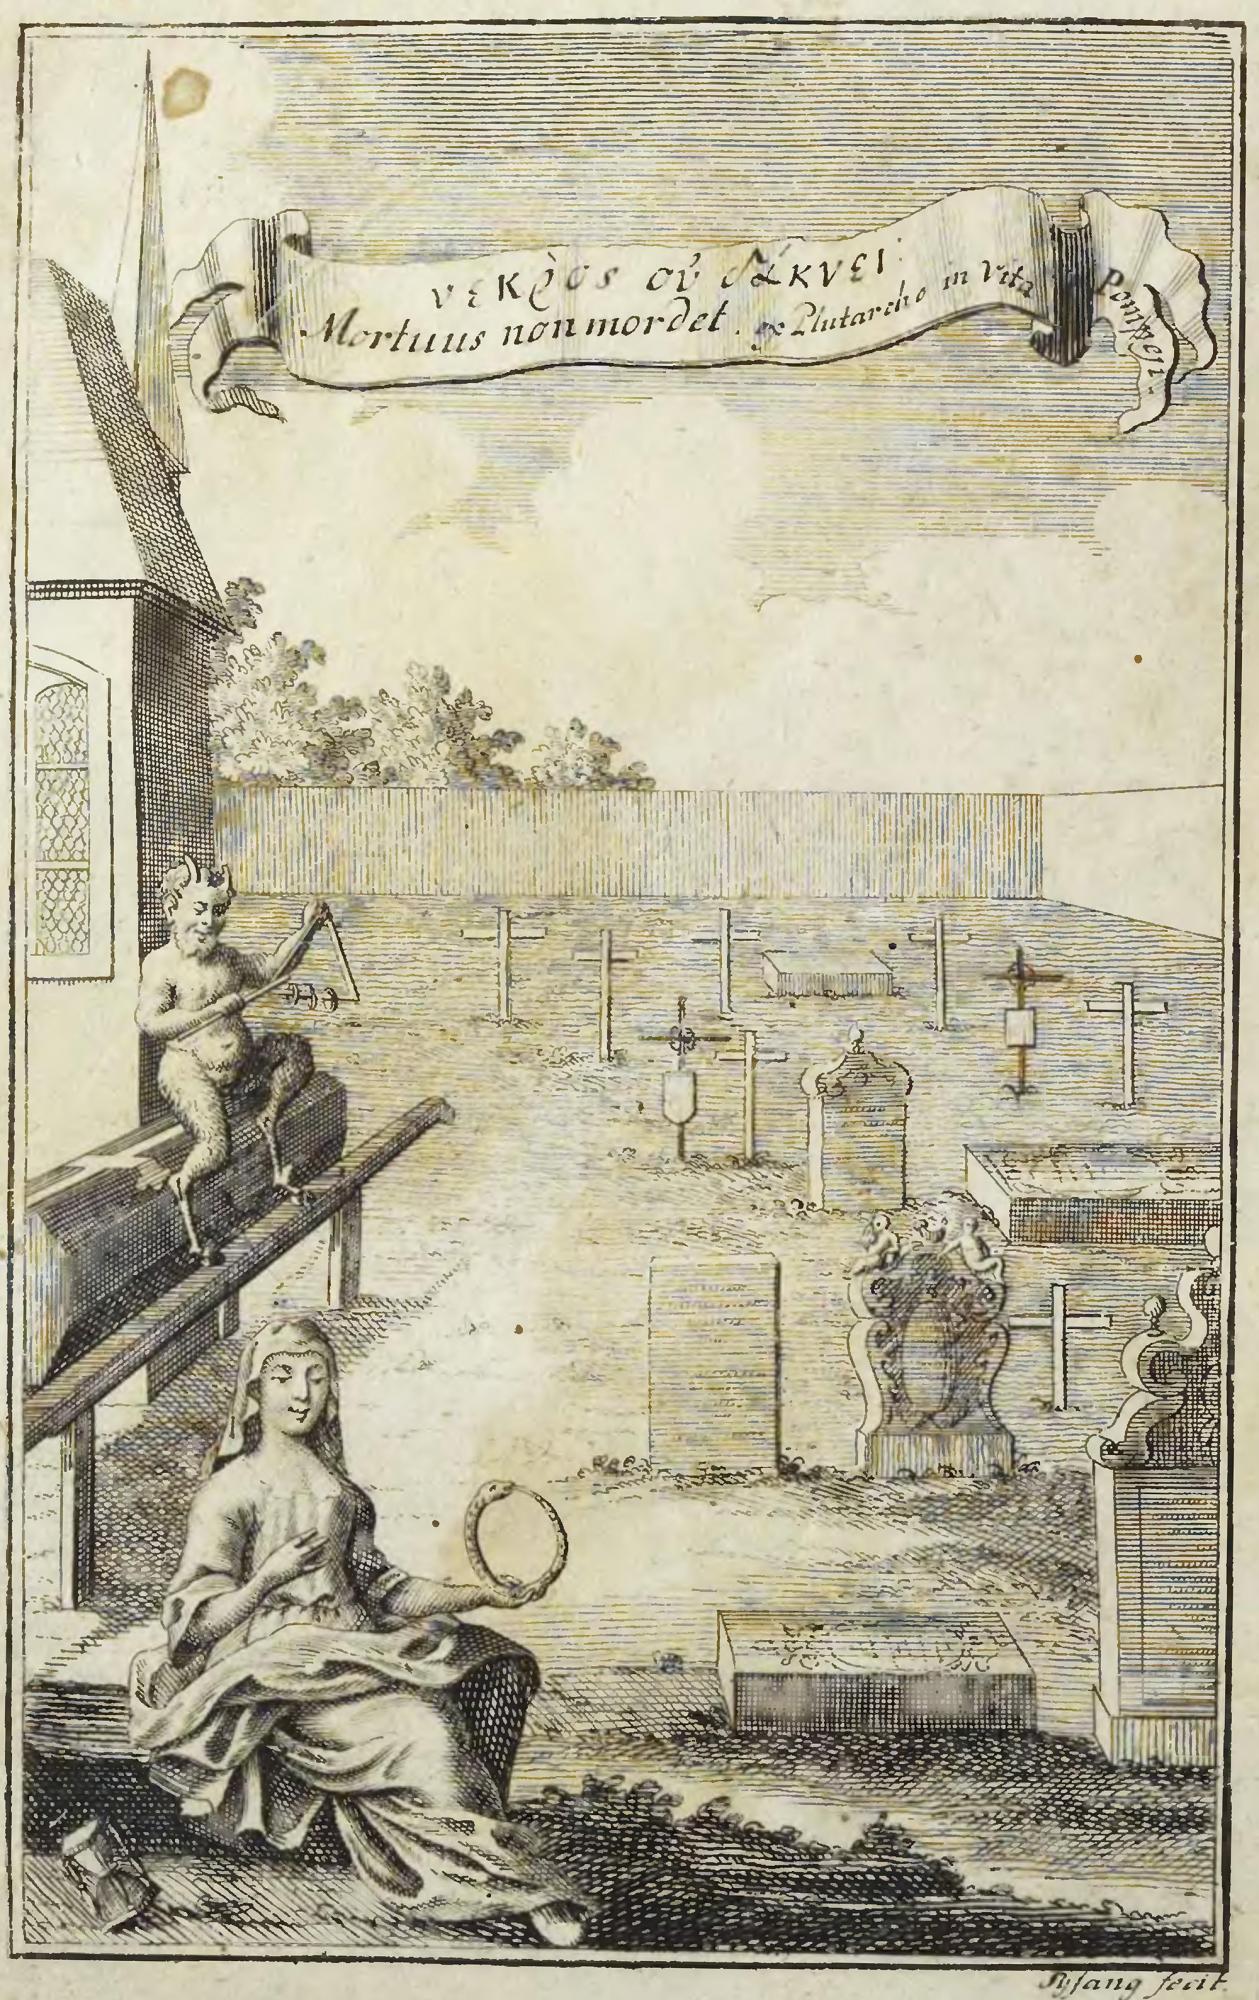 Folio of woman holding ouroboros from Michael Ranft's Tractat von dem Kauen und Schmatzen der Todten in Gräbern , 1734.